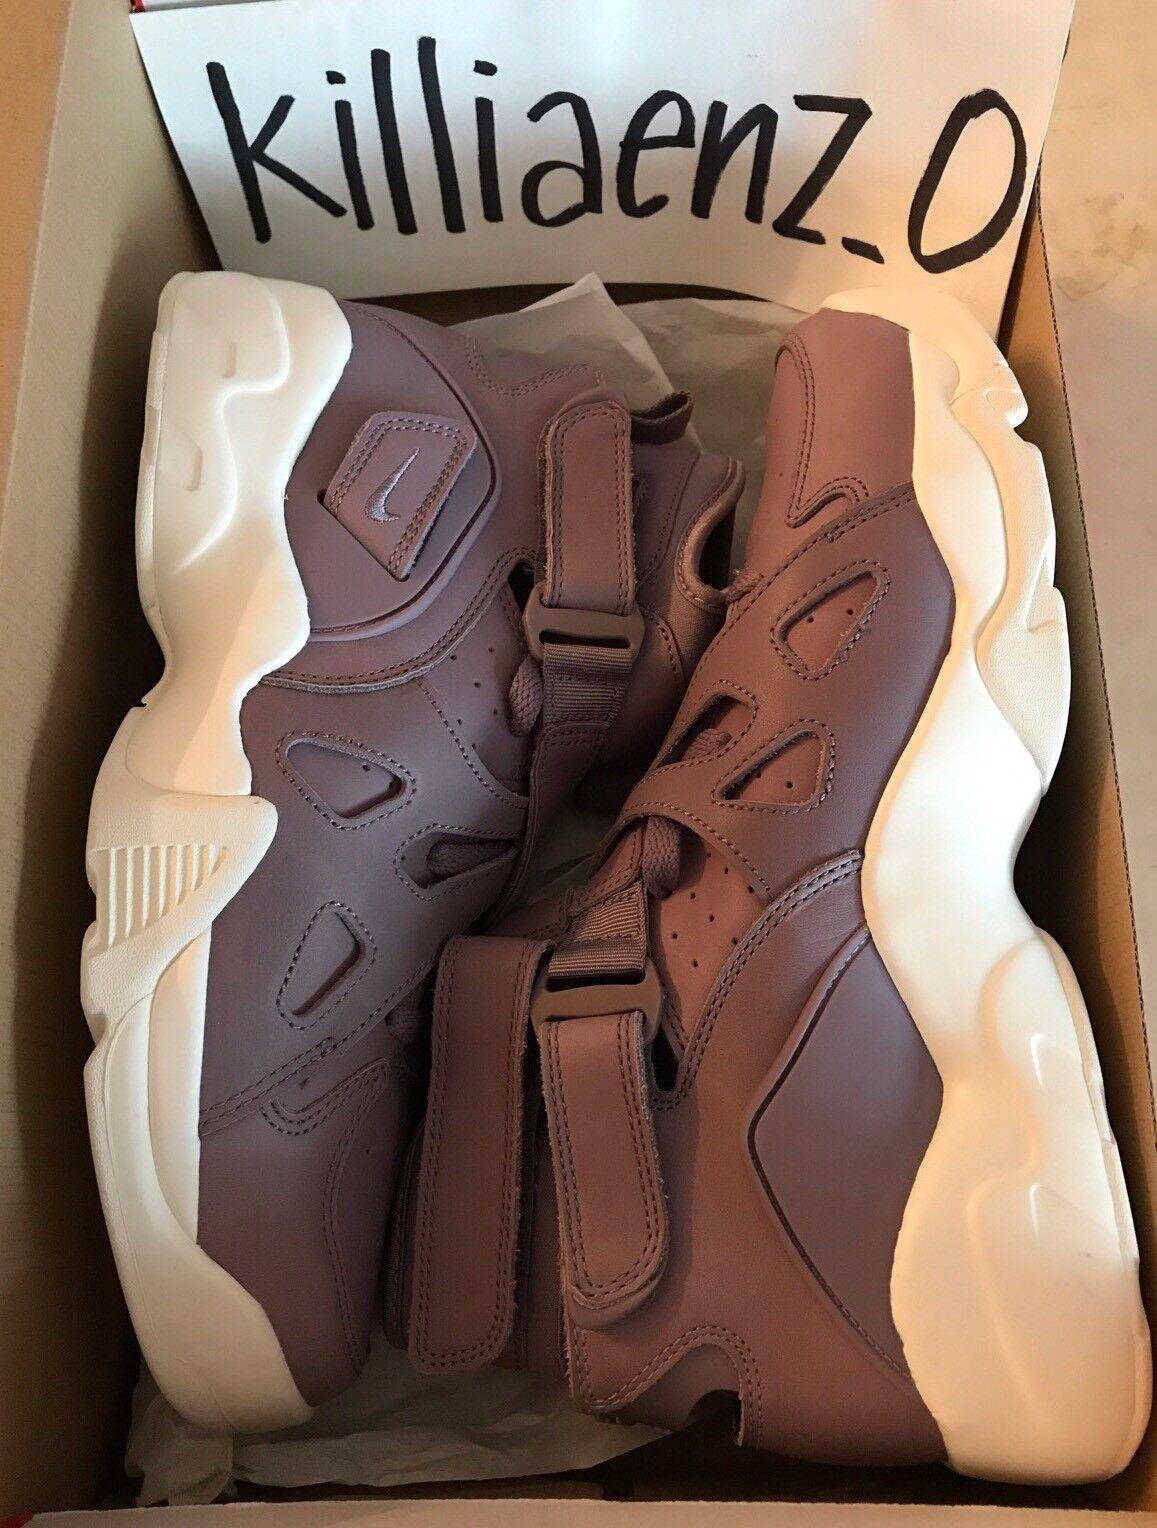 Nike 9 Air Unlimited Hombre sz 9 Nike Raros Zapatos humo púrpura vela David Robinson 854318 el último descuento zapatos para hombres y mujeres 774cca